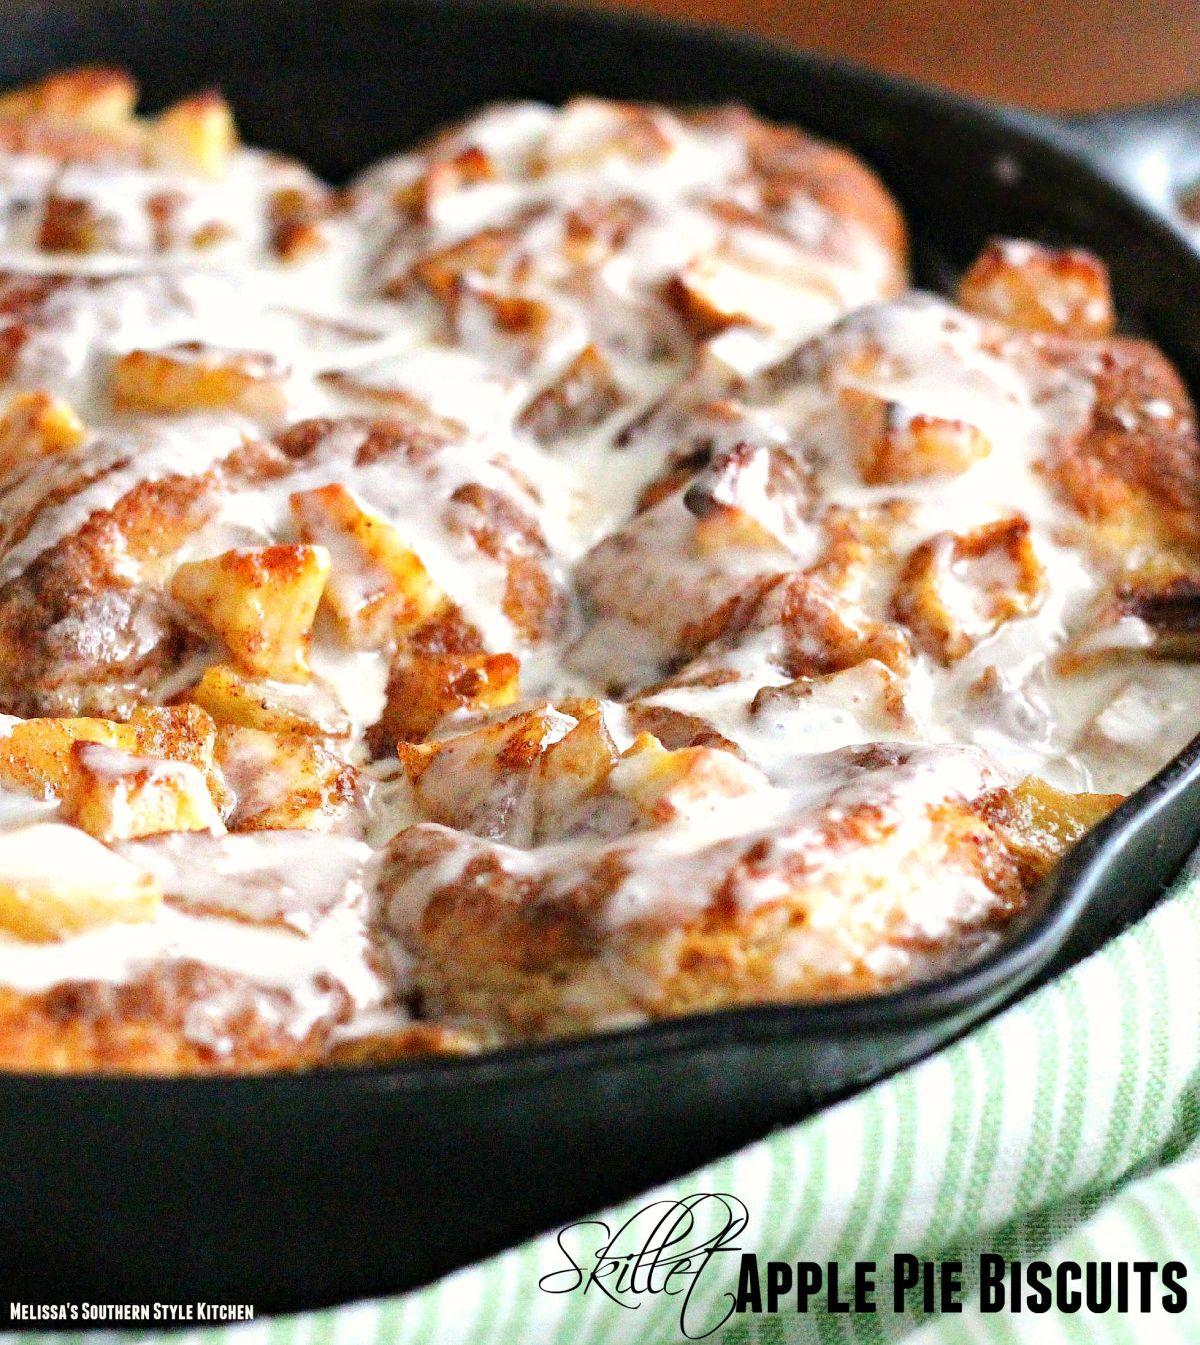 Skillet Apple Pie Biscuits – melissassouthernstylekitchen.com